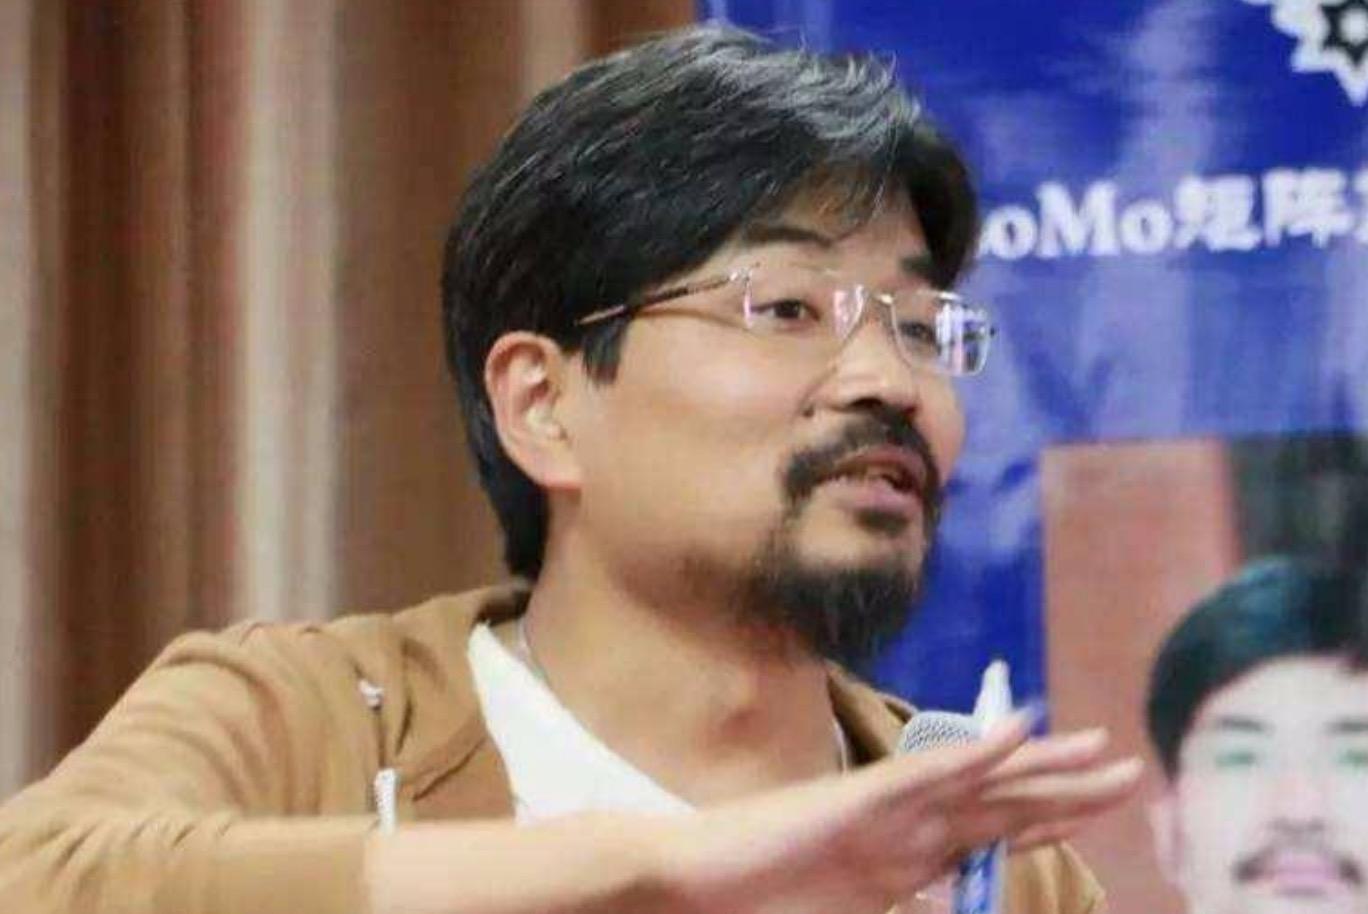 「所罗门矩阵」调查:这可能是中国互联网史上最大的骗局